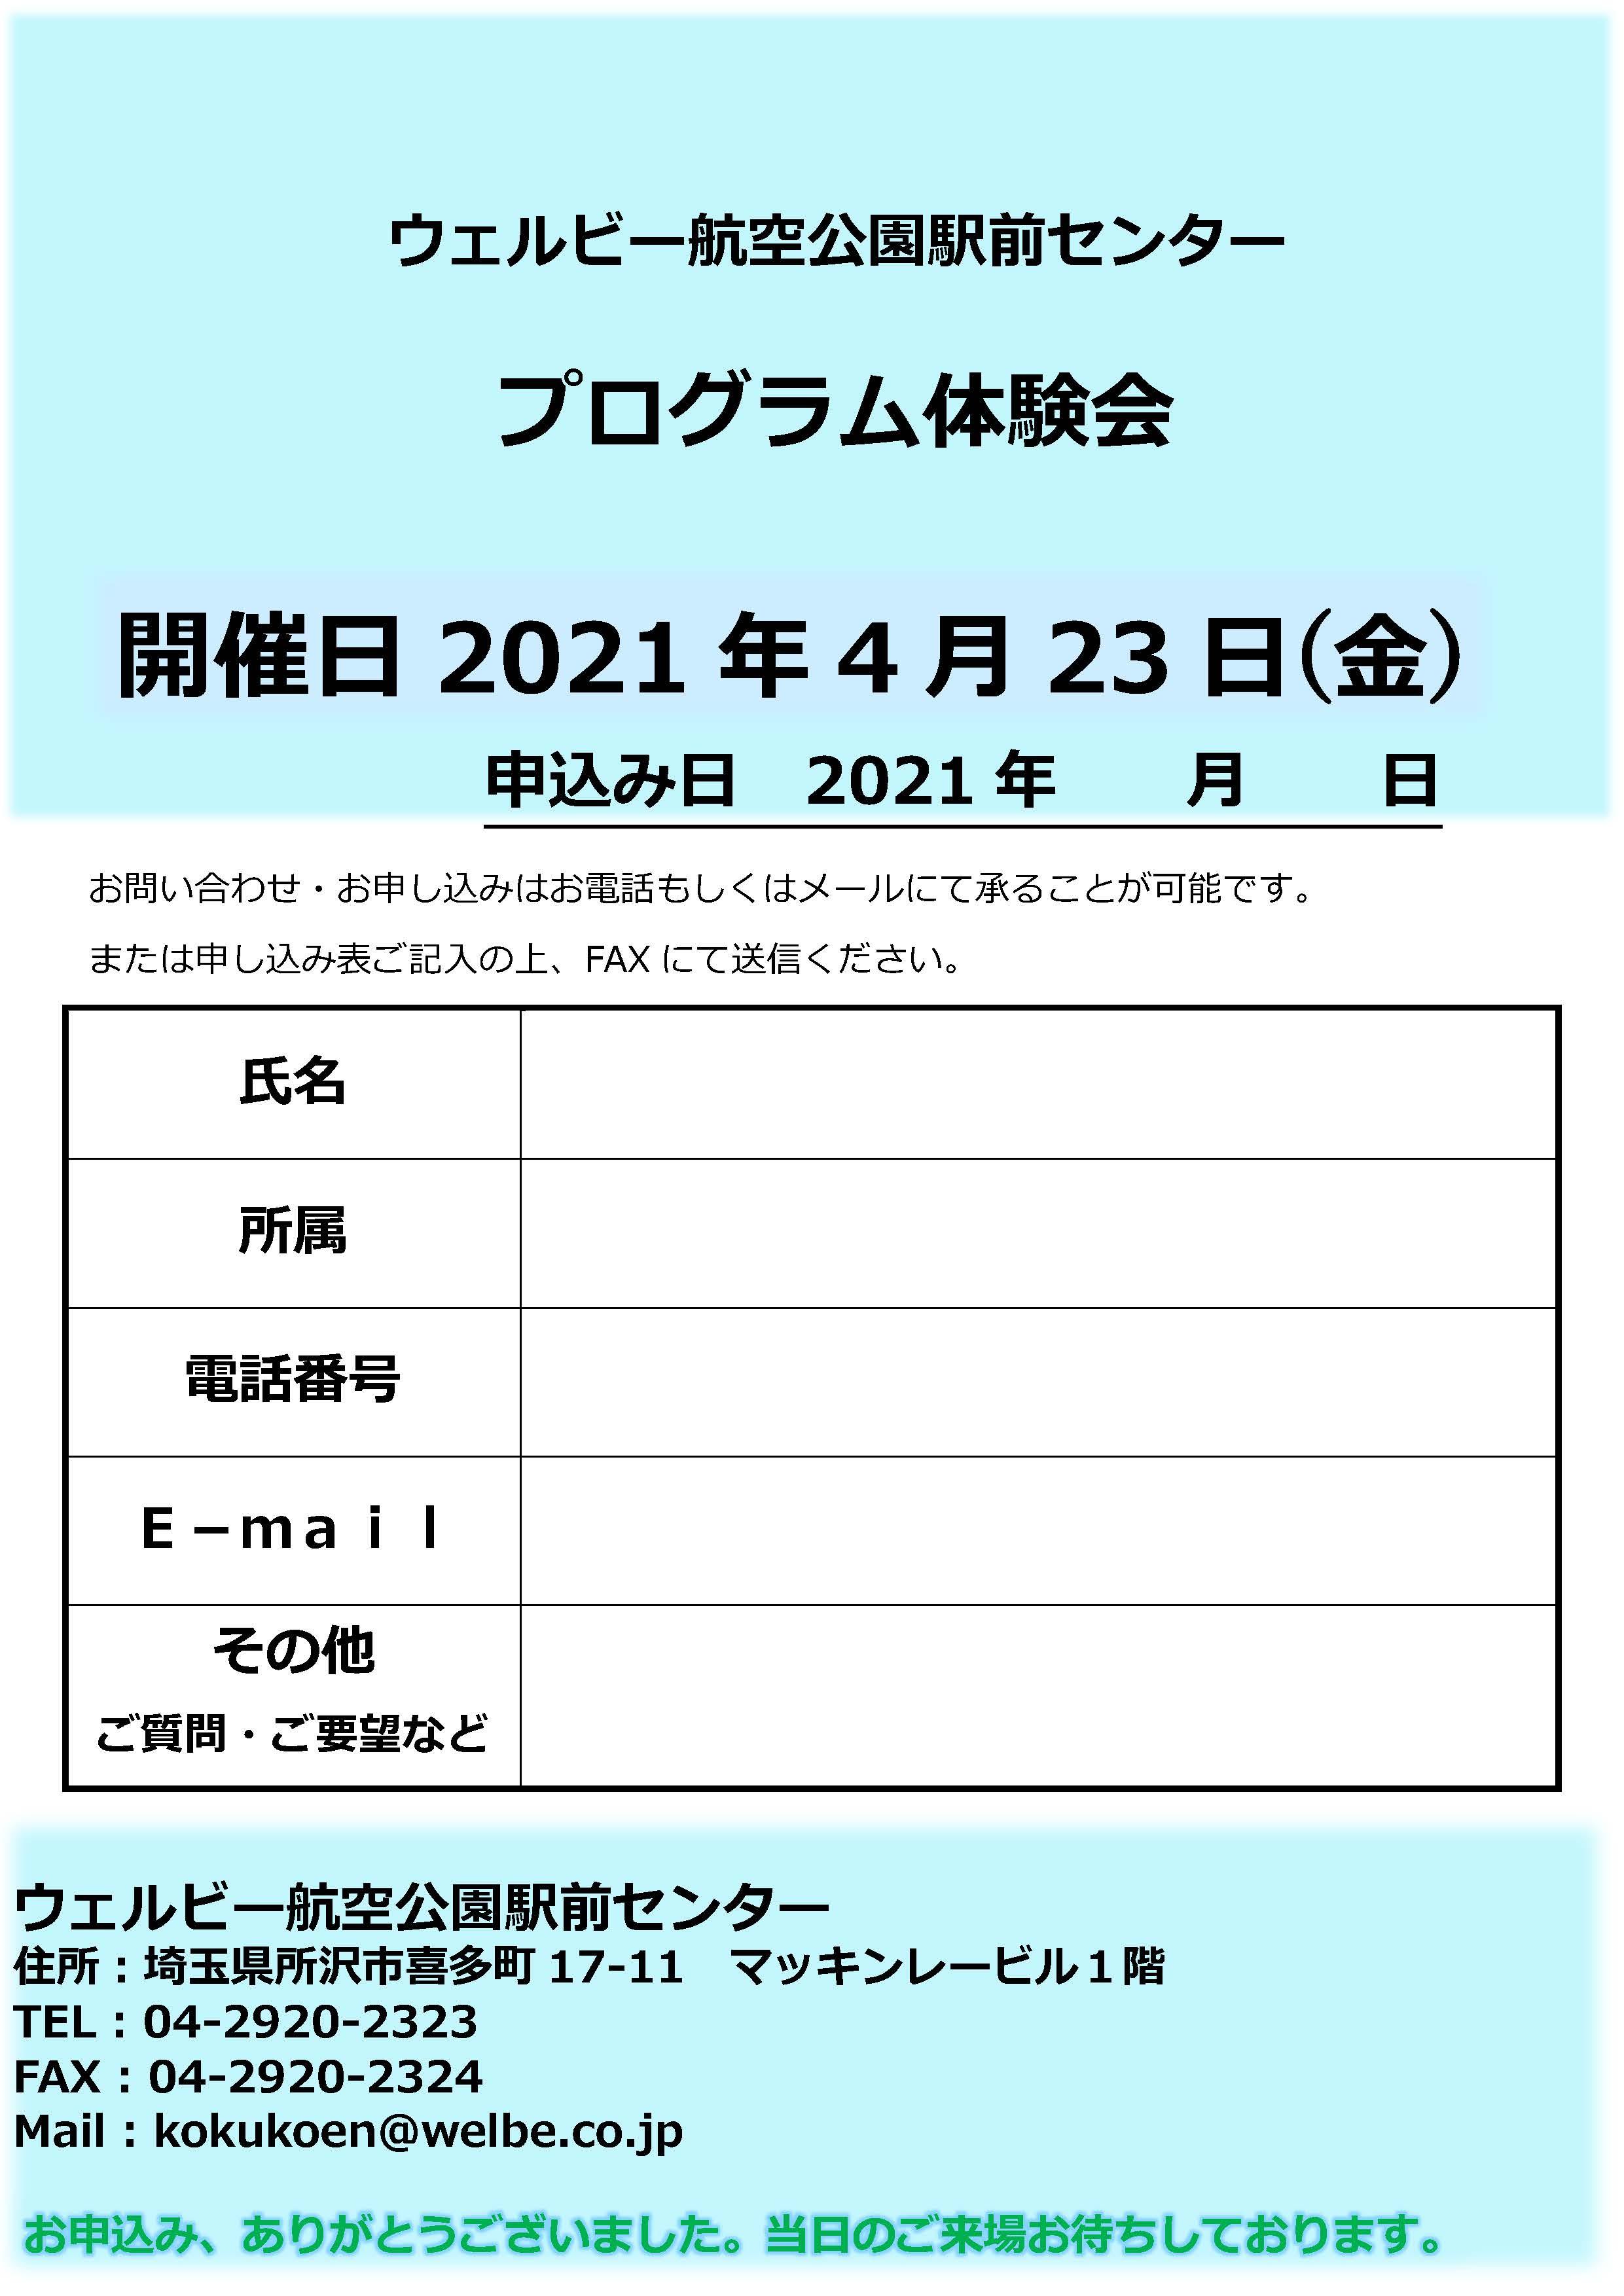 プログラム体験会案内(2021年4月23日)Ver_ページ_2